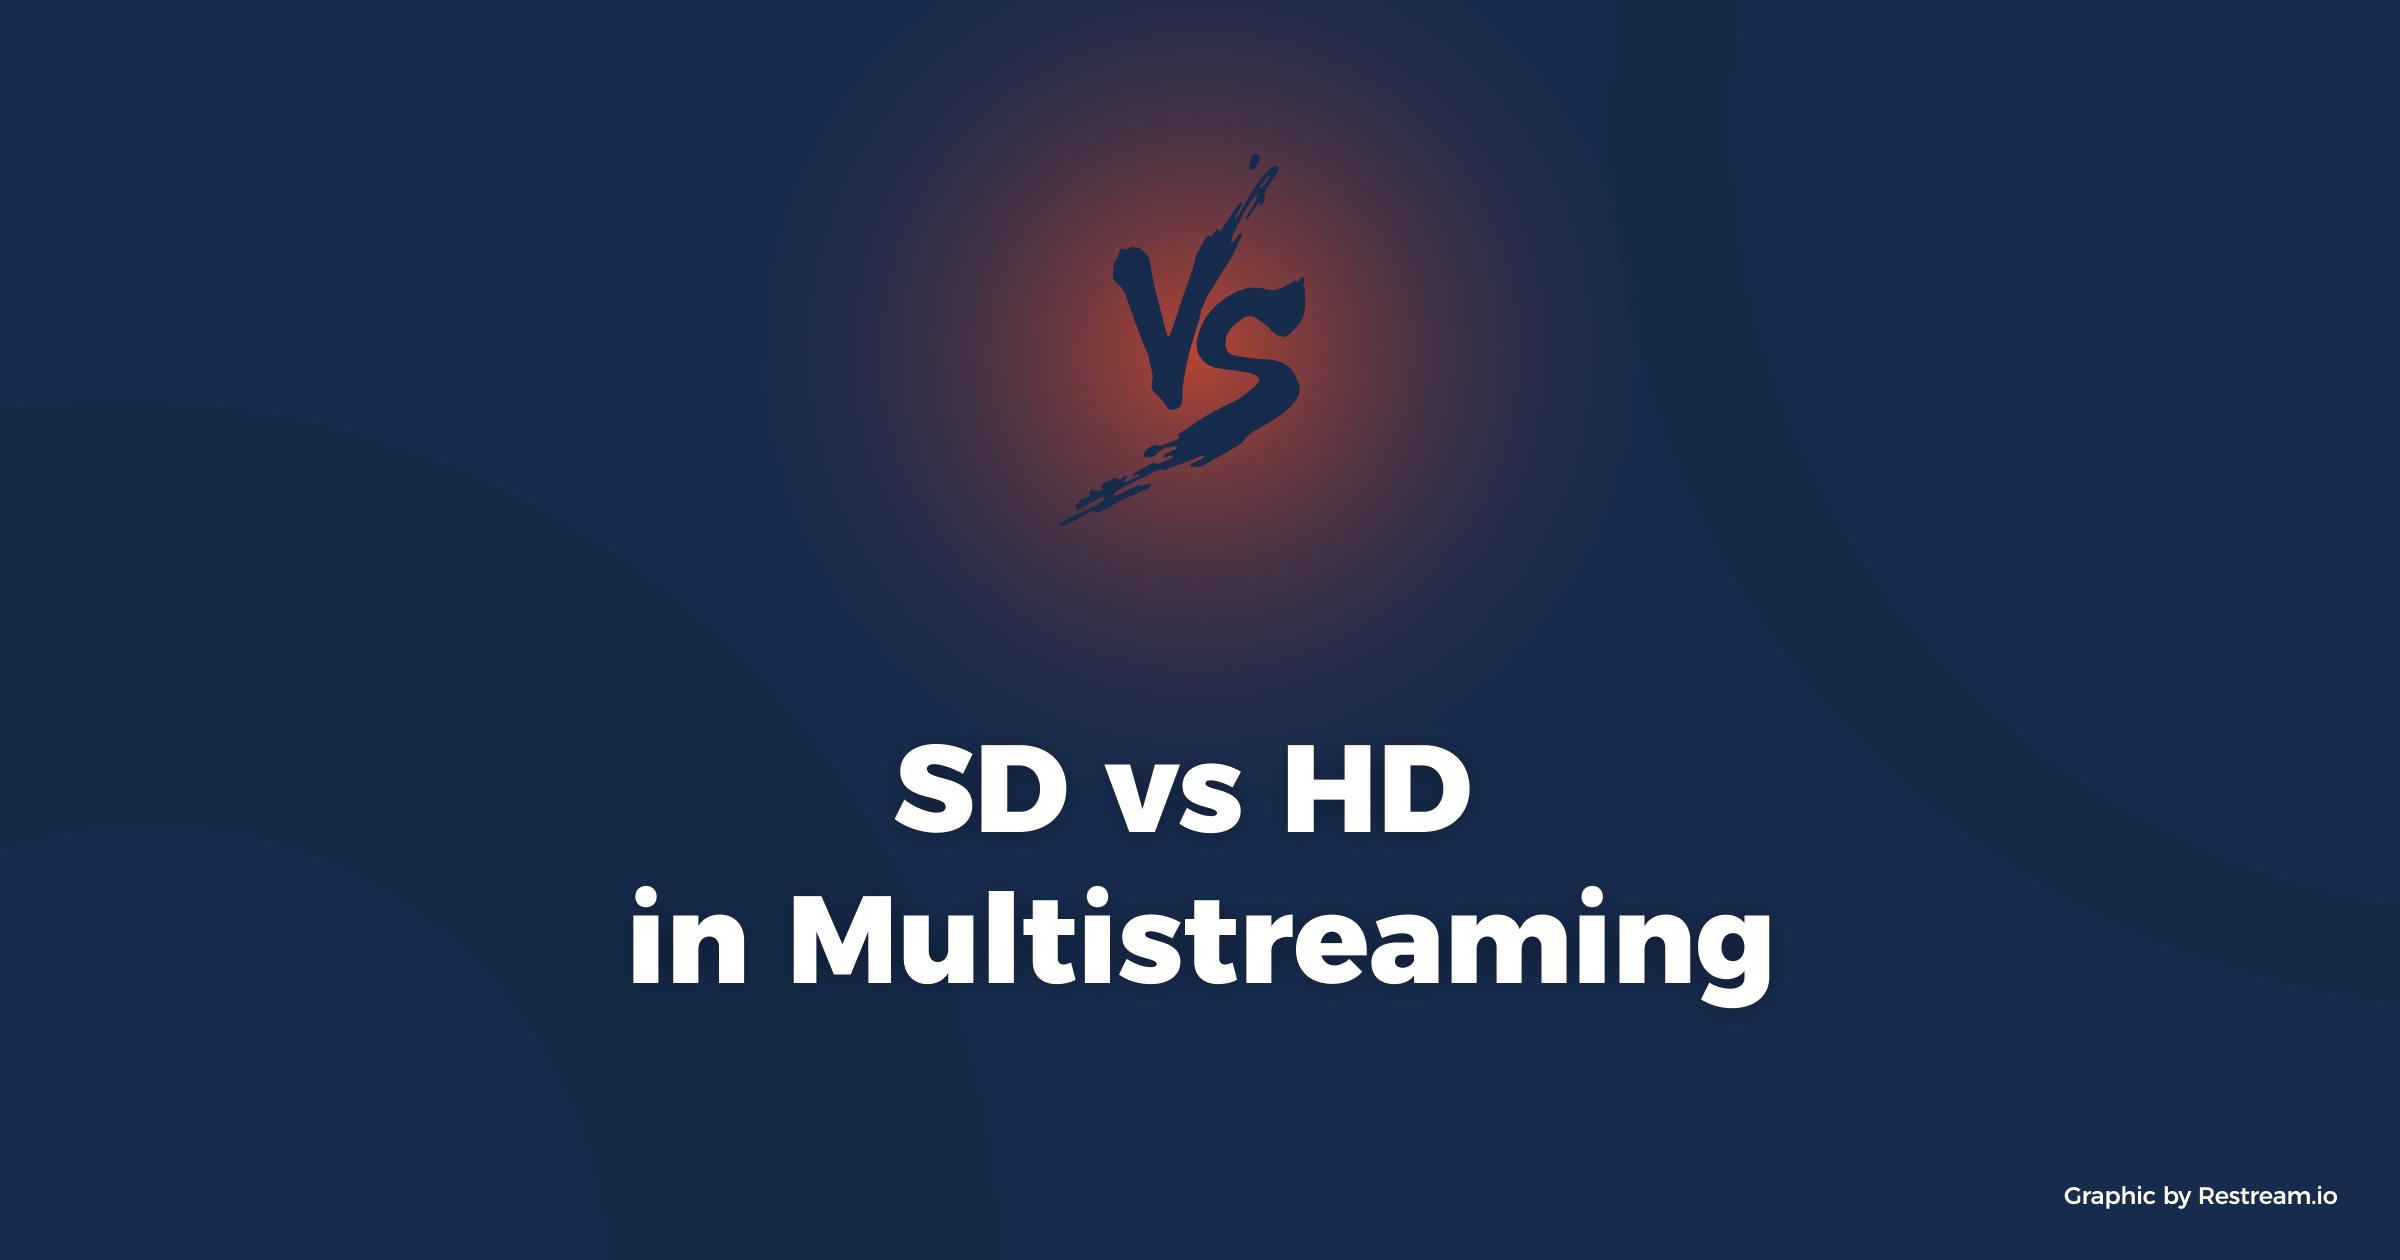 SD vs HD in Multistreaming